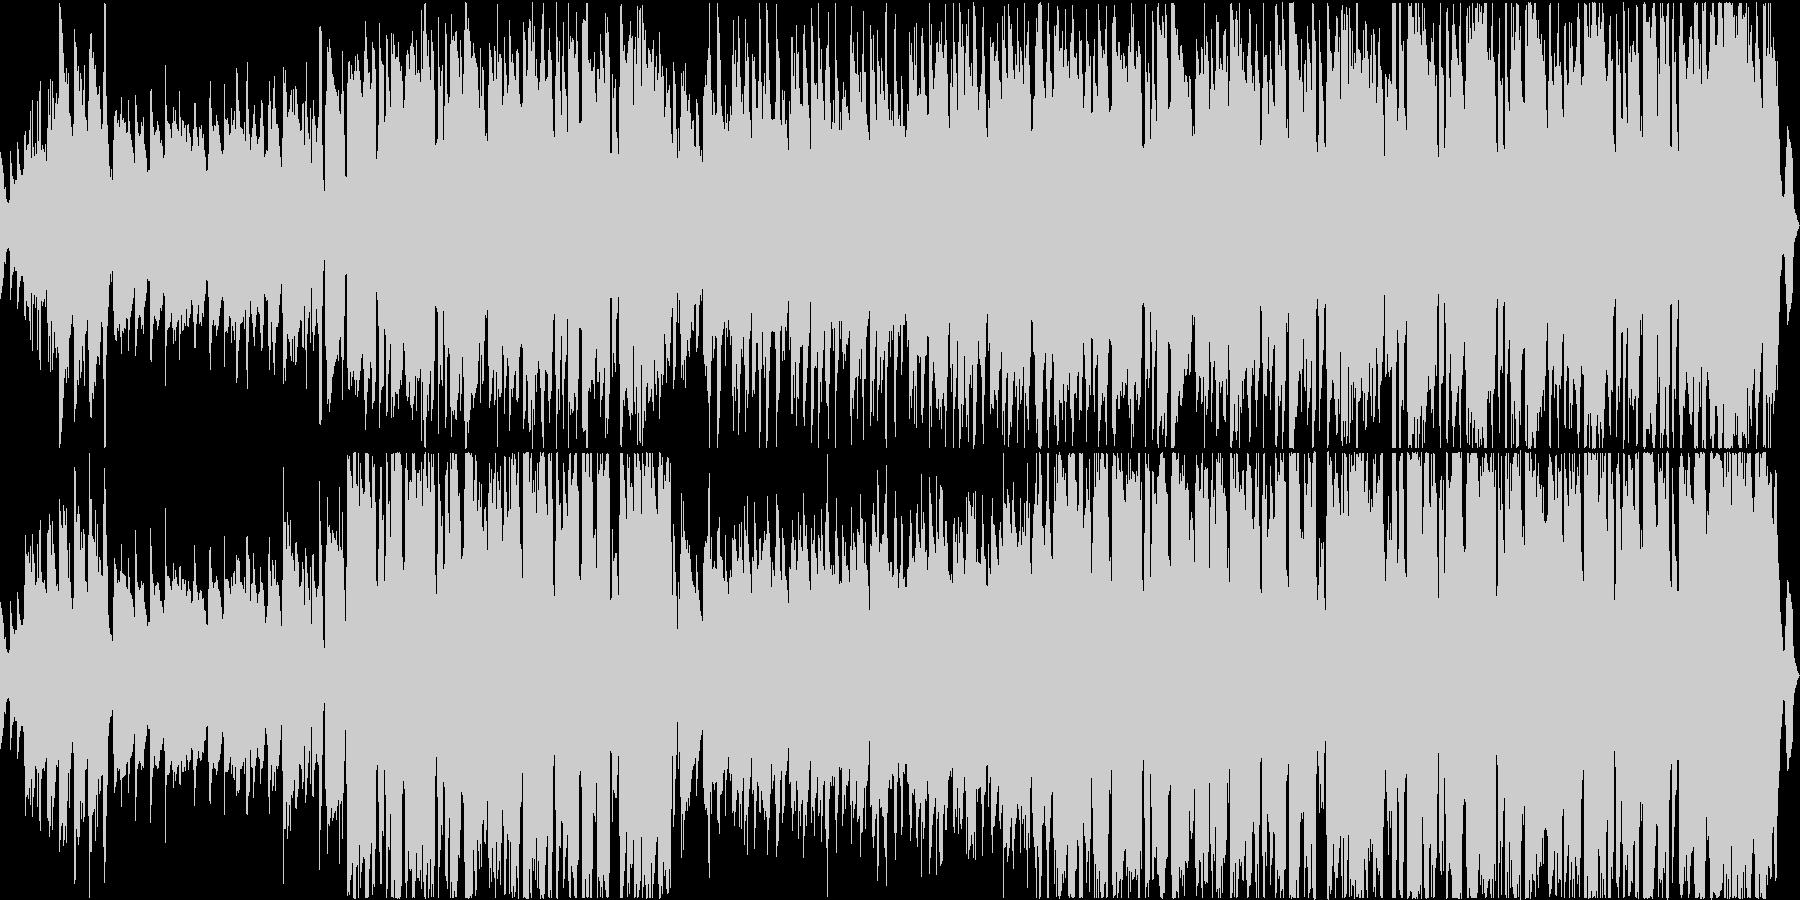 ギターメロディのノリノリのジャズの未再生の波形